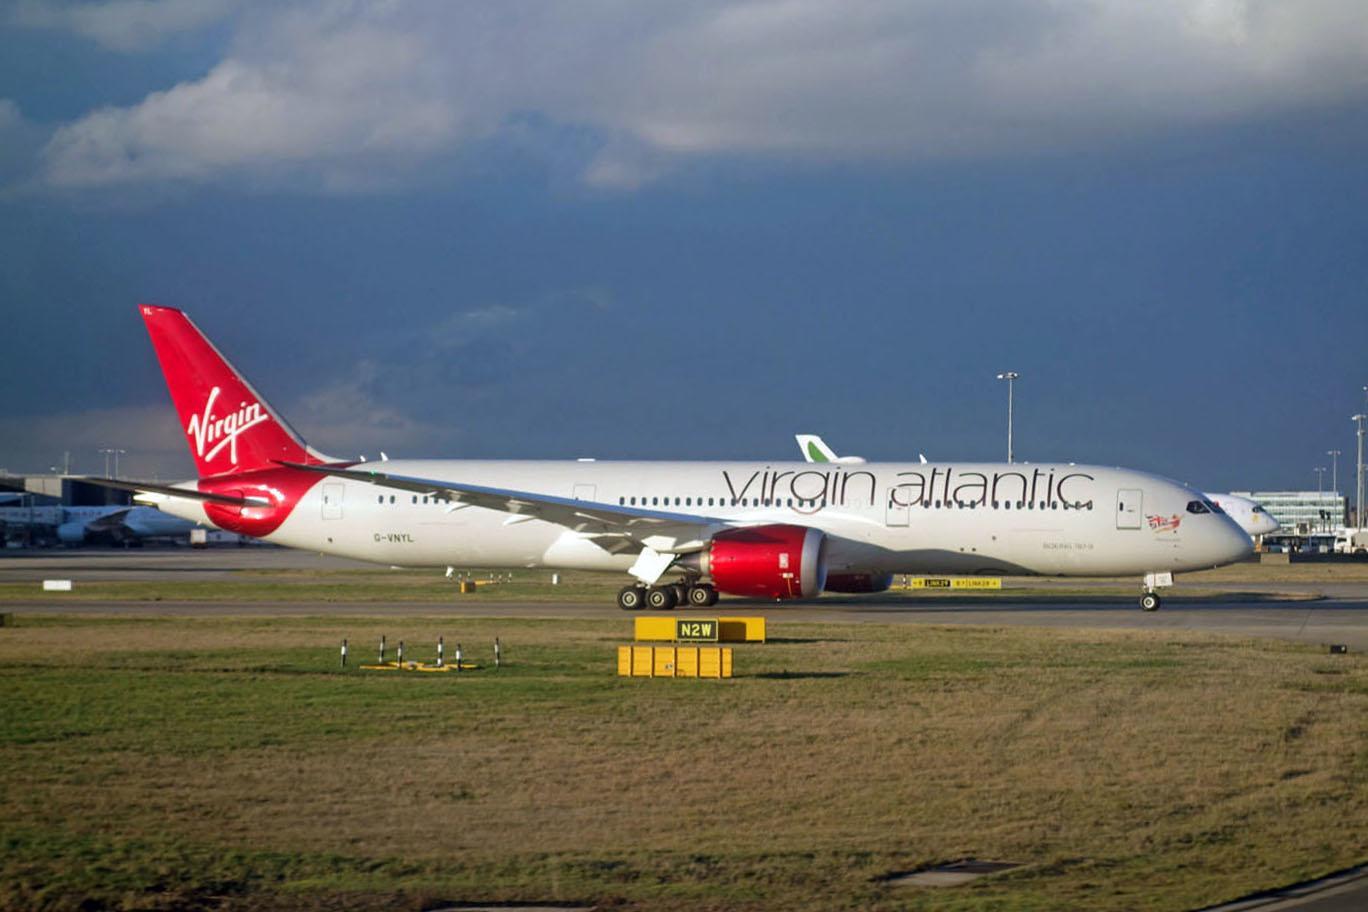 Ричард Брэнсон готов расстаться с личным островом во имя спасения Virgin Atlantic